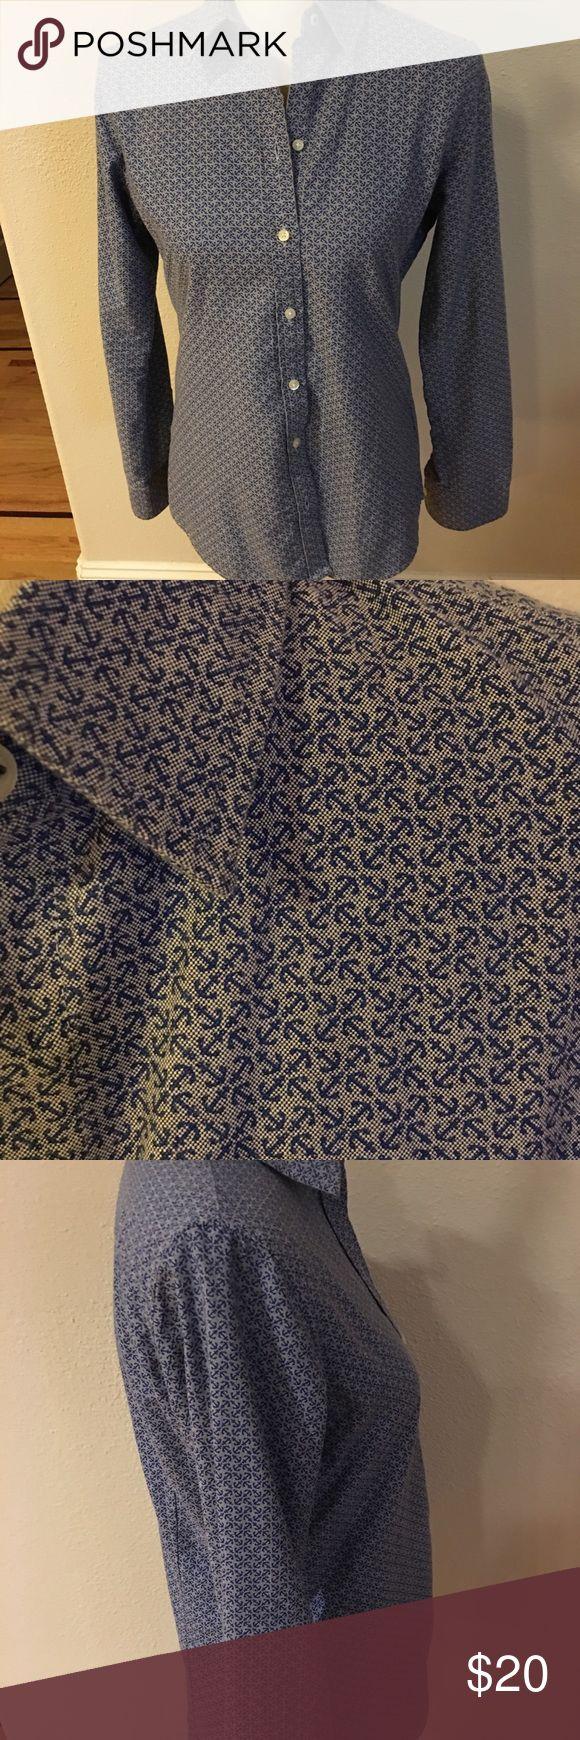 Banana Republic Women's Oxford Shirt Smoke and pet free home Banana Republic Tops Button Down Shirts